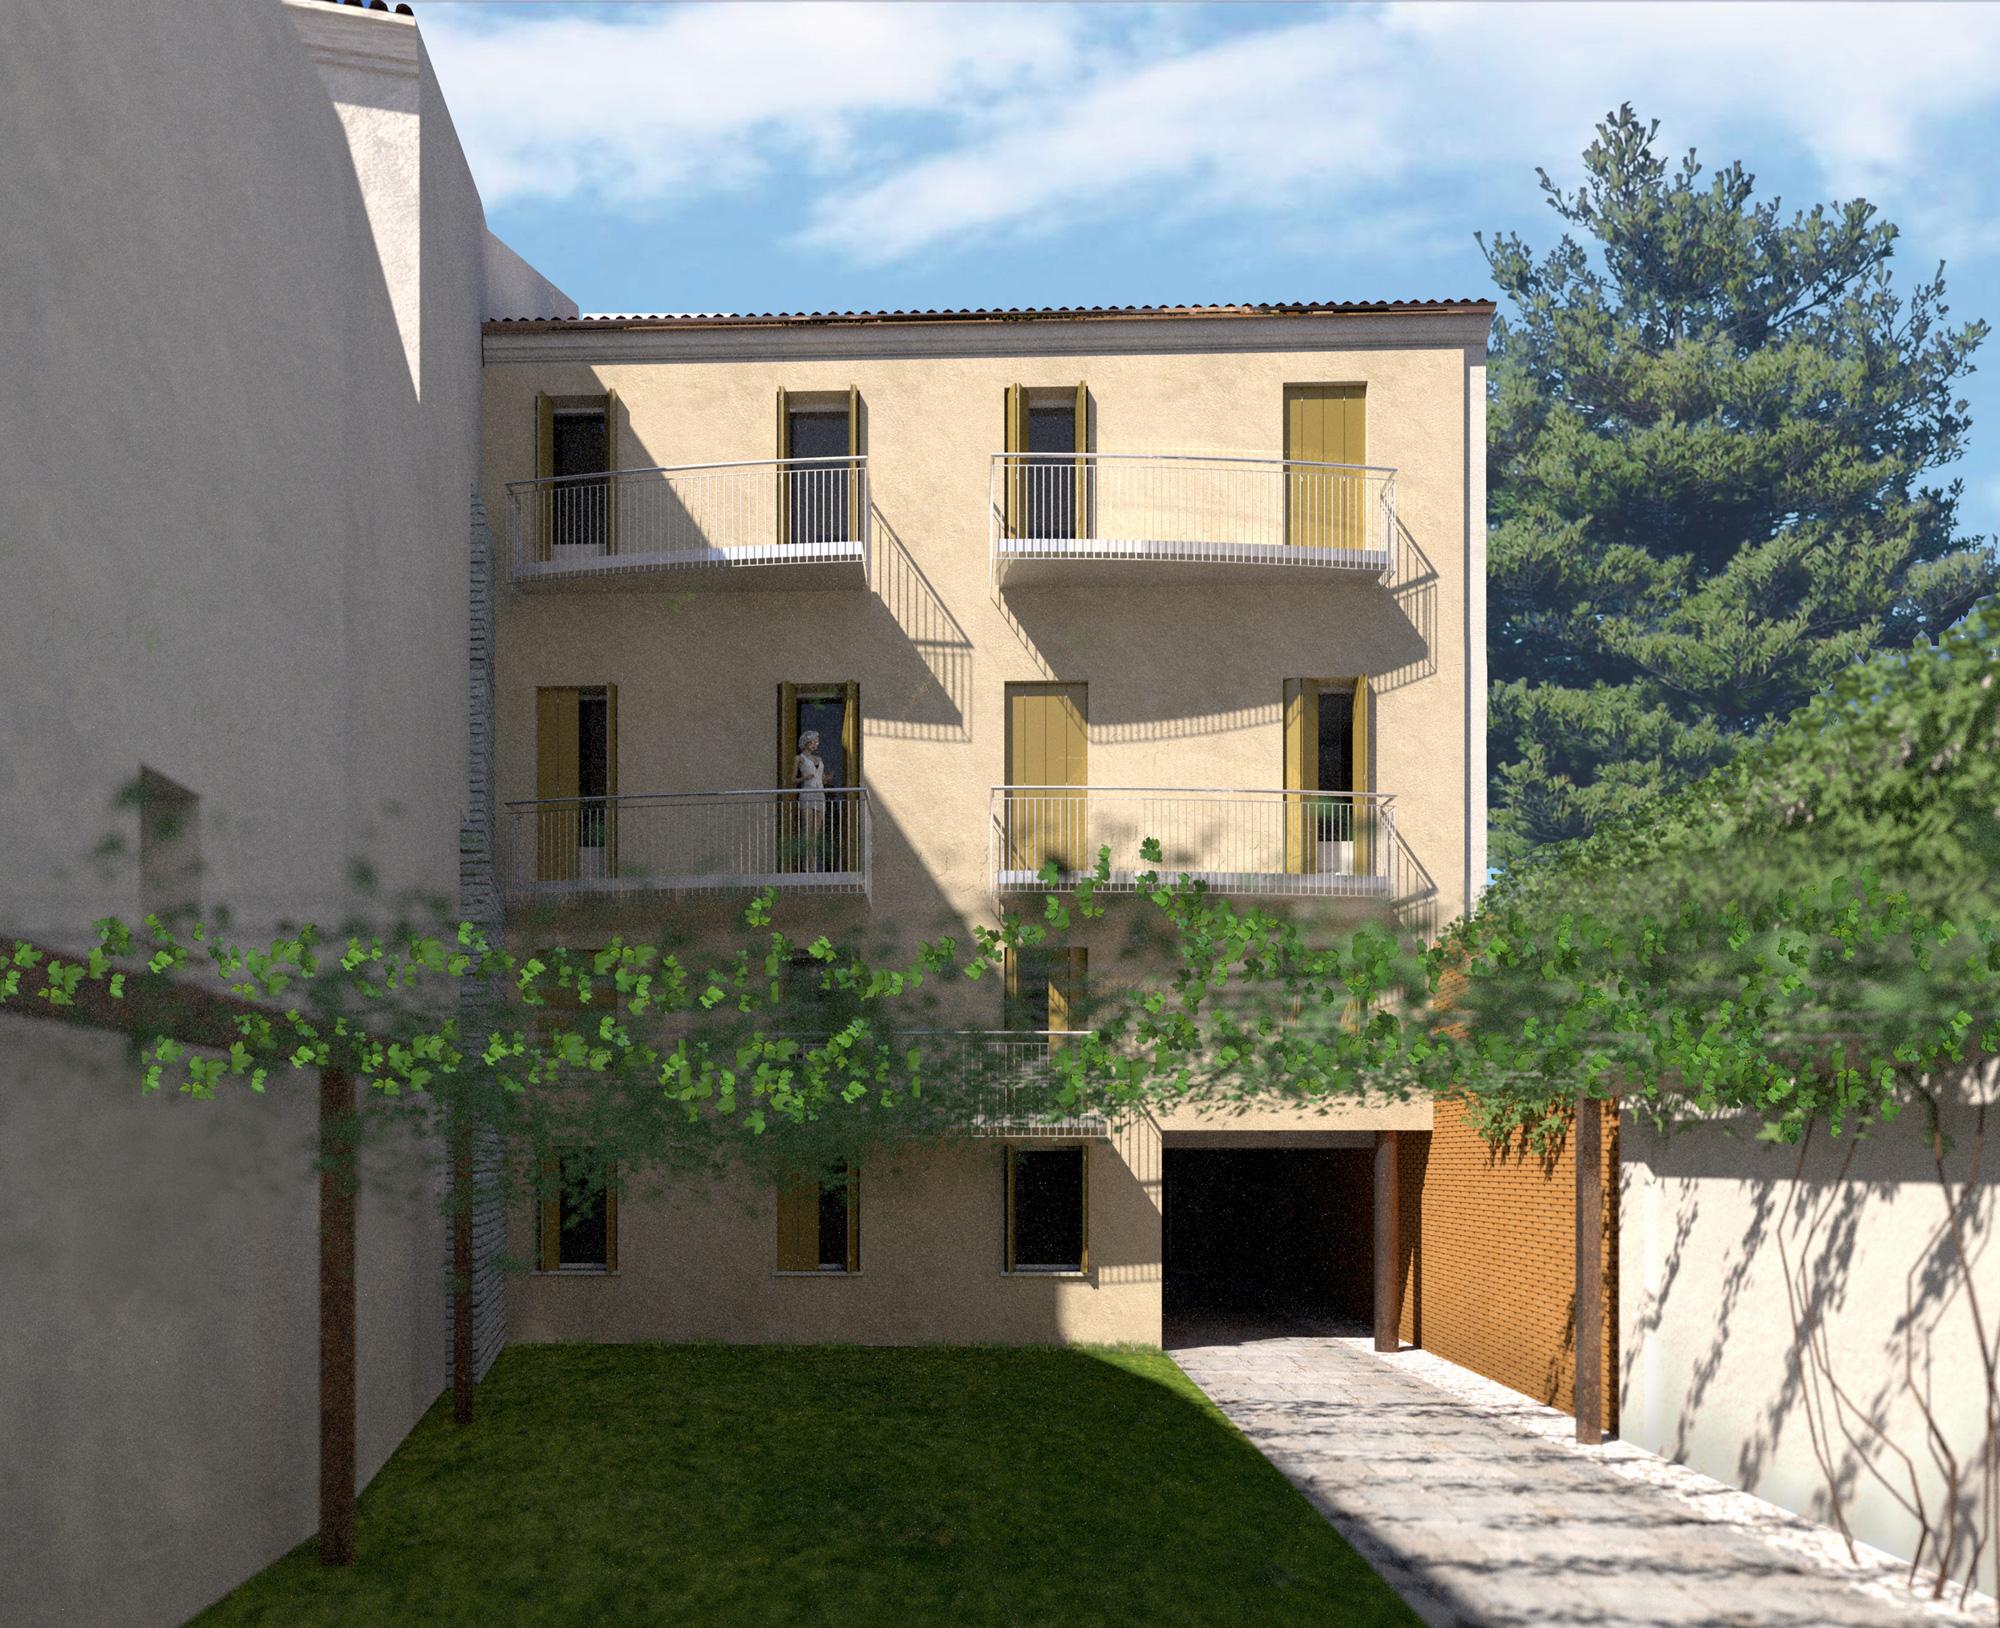 Concept 1 © Bruno Stocco Architetto